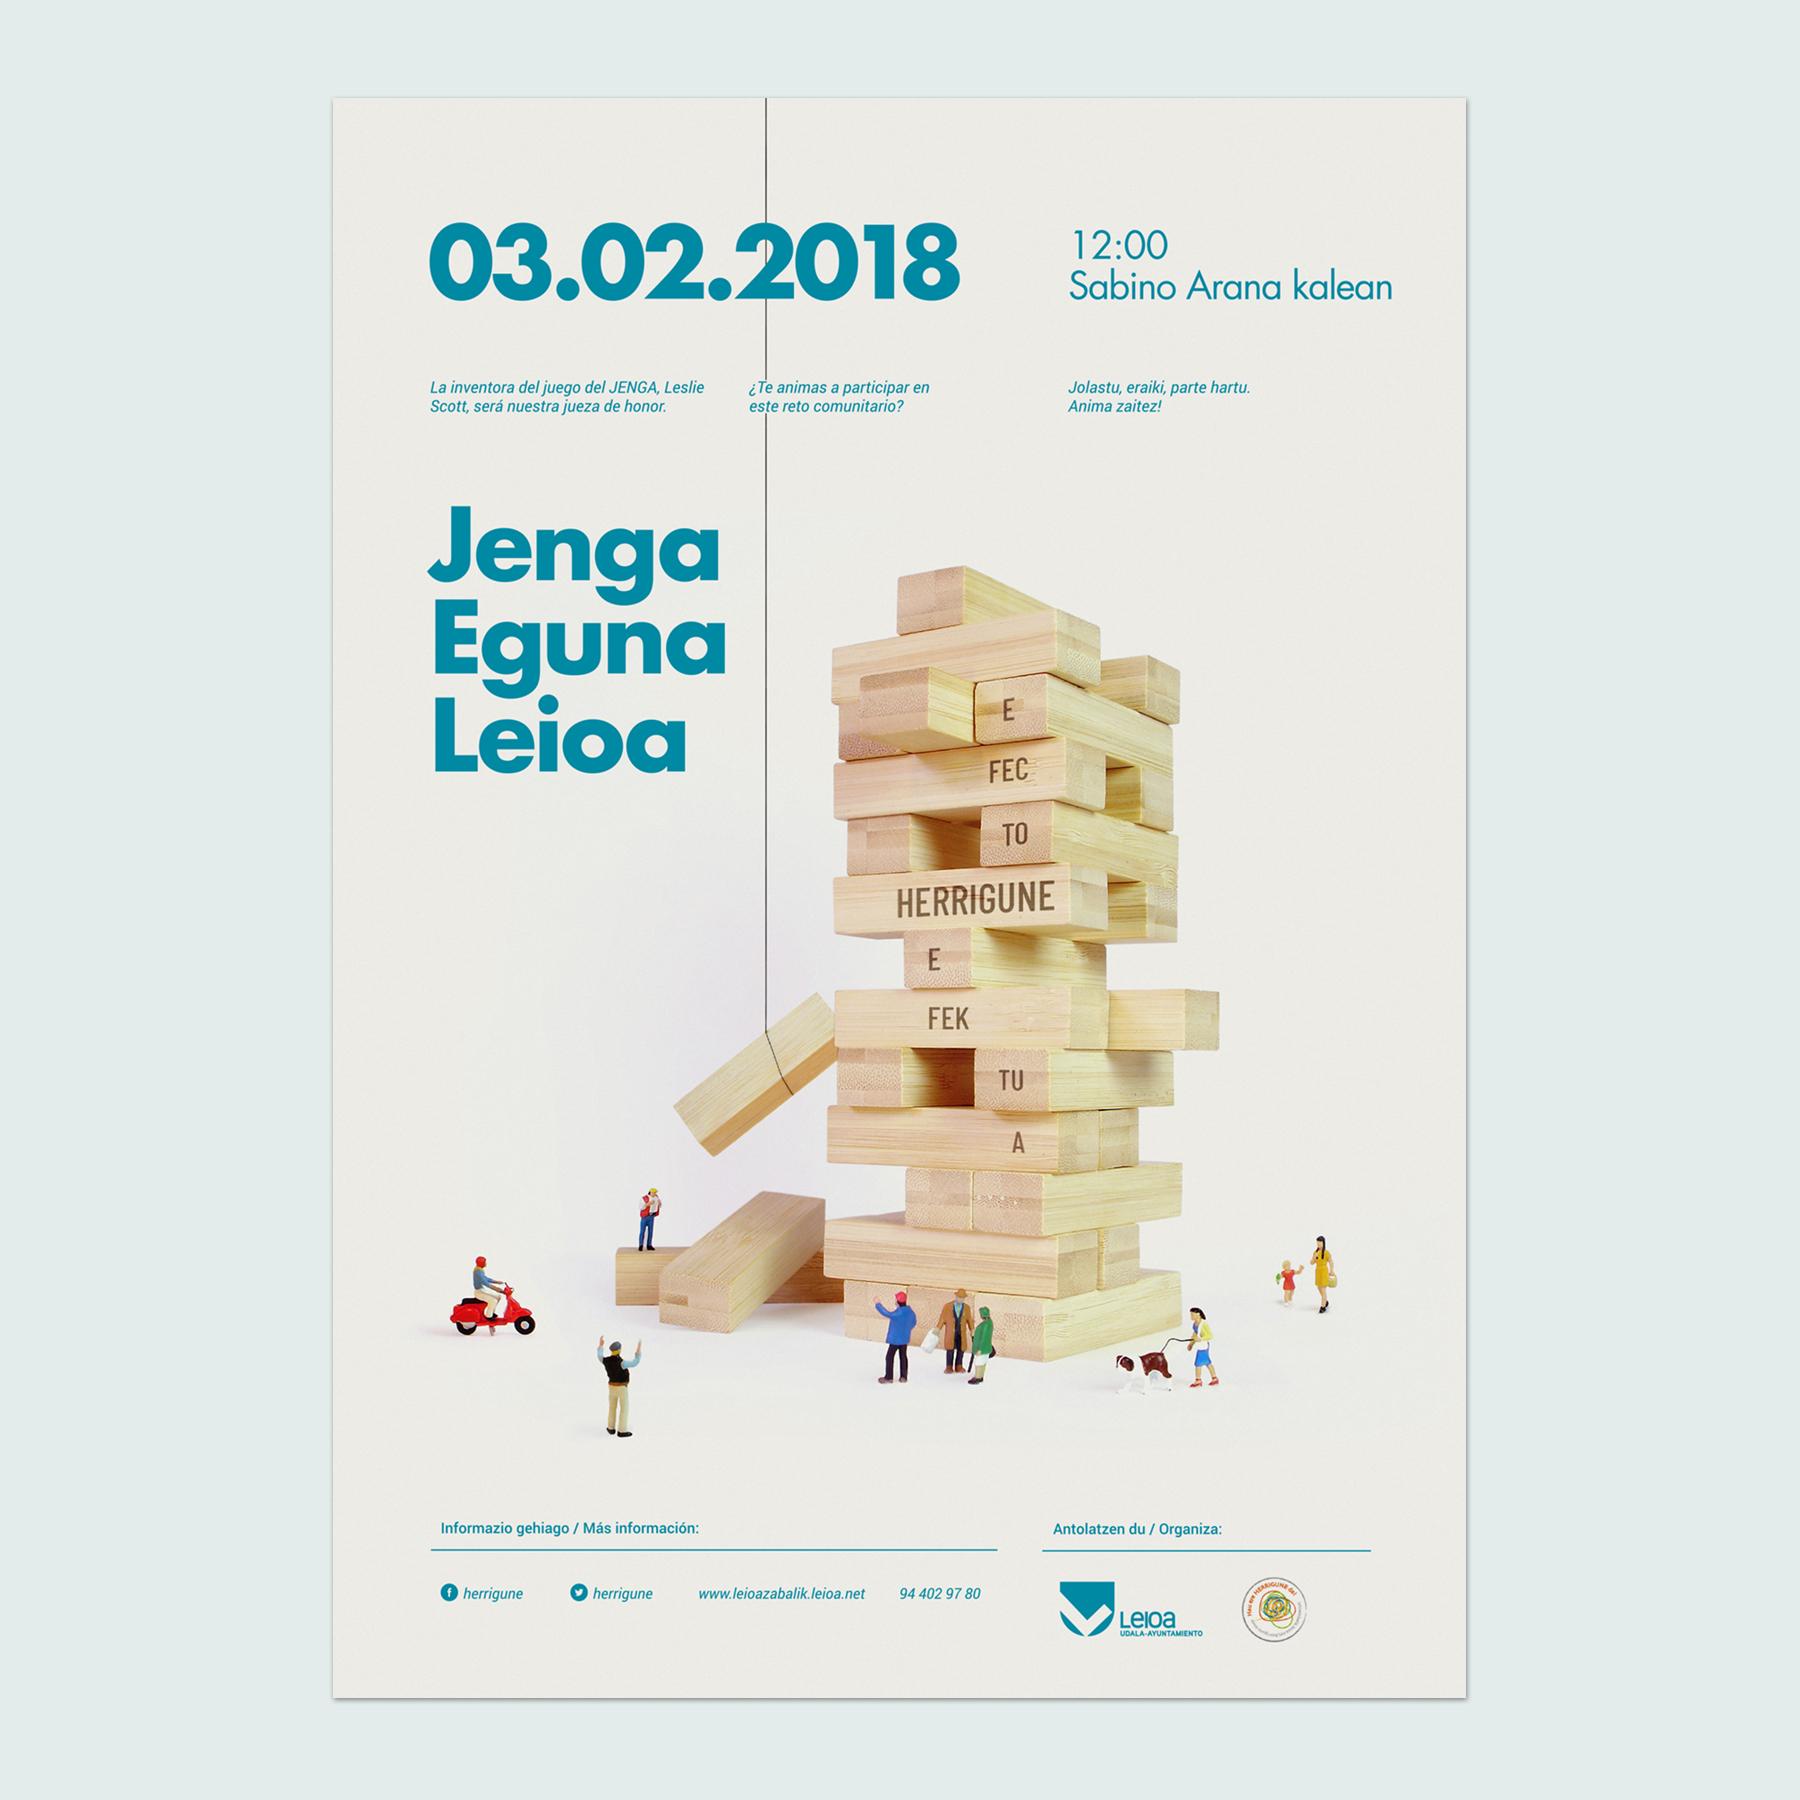 Campaña de comunicación para Leioa Jenga Eguna by Nagore M. Jauregi - Creative Work